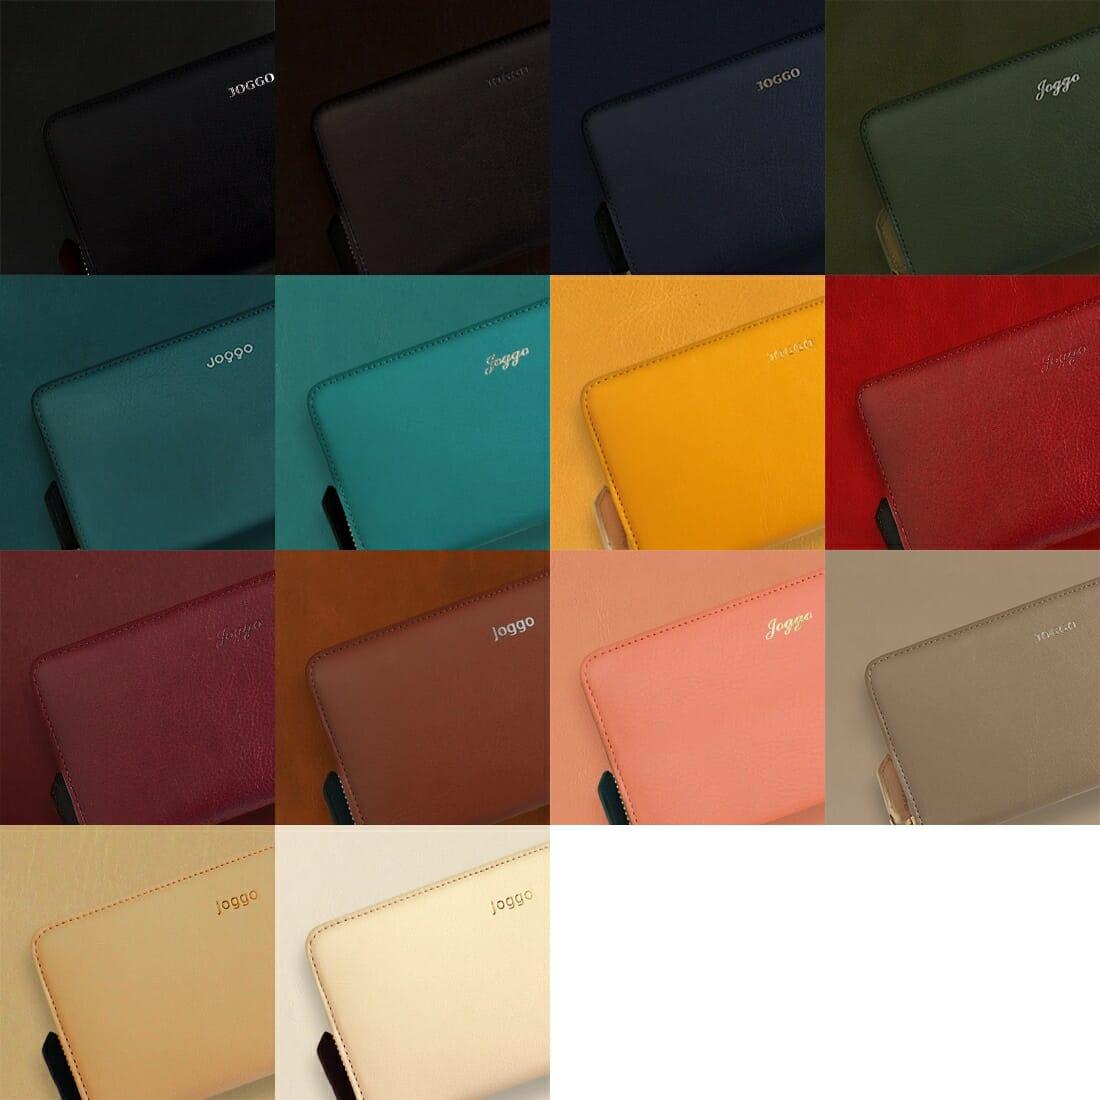 JOGGO ジョッゴ レザー 本革カラー 14色